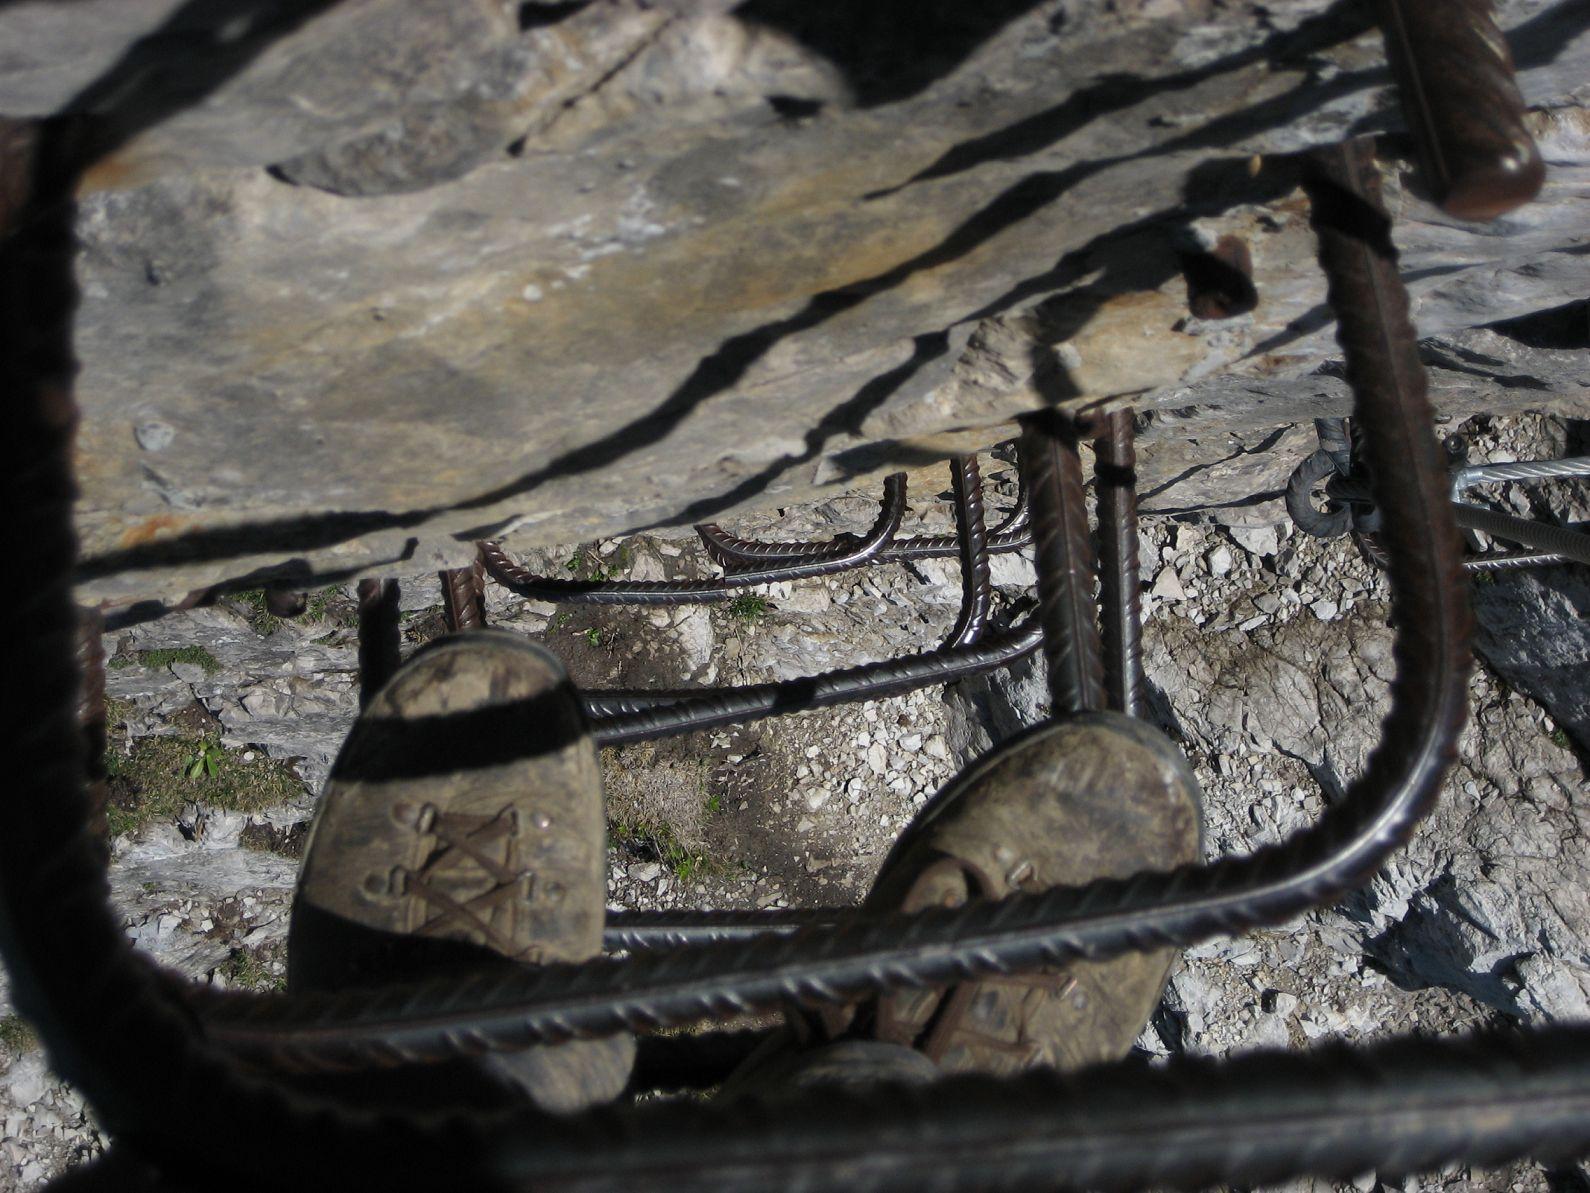 Klettersteig Oberstdorf : File:mindelheimer klettersteig 87561 oberstdorf germany